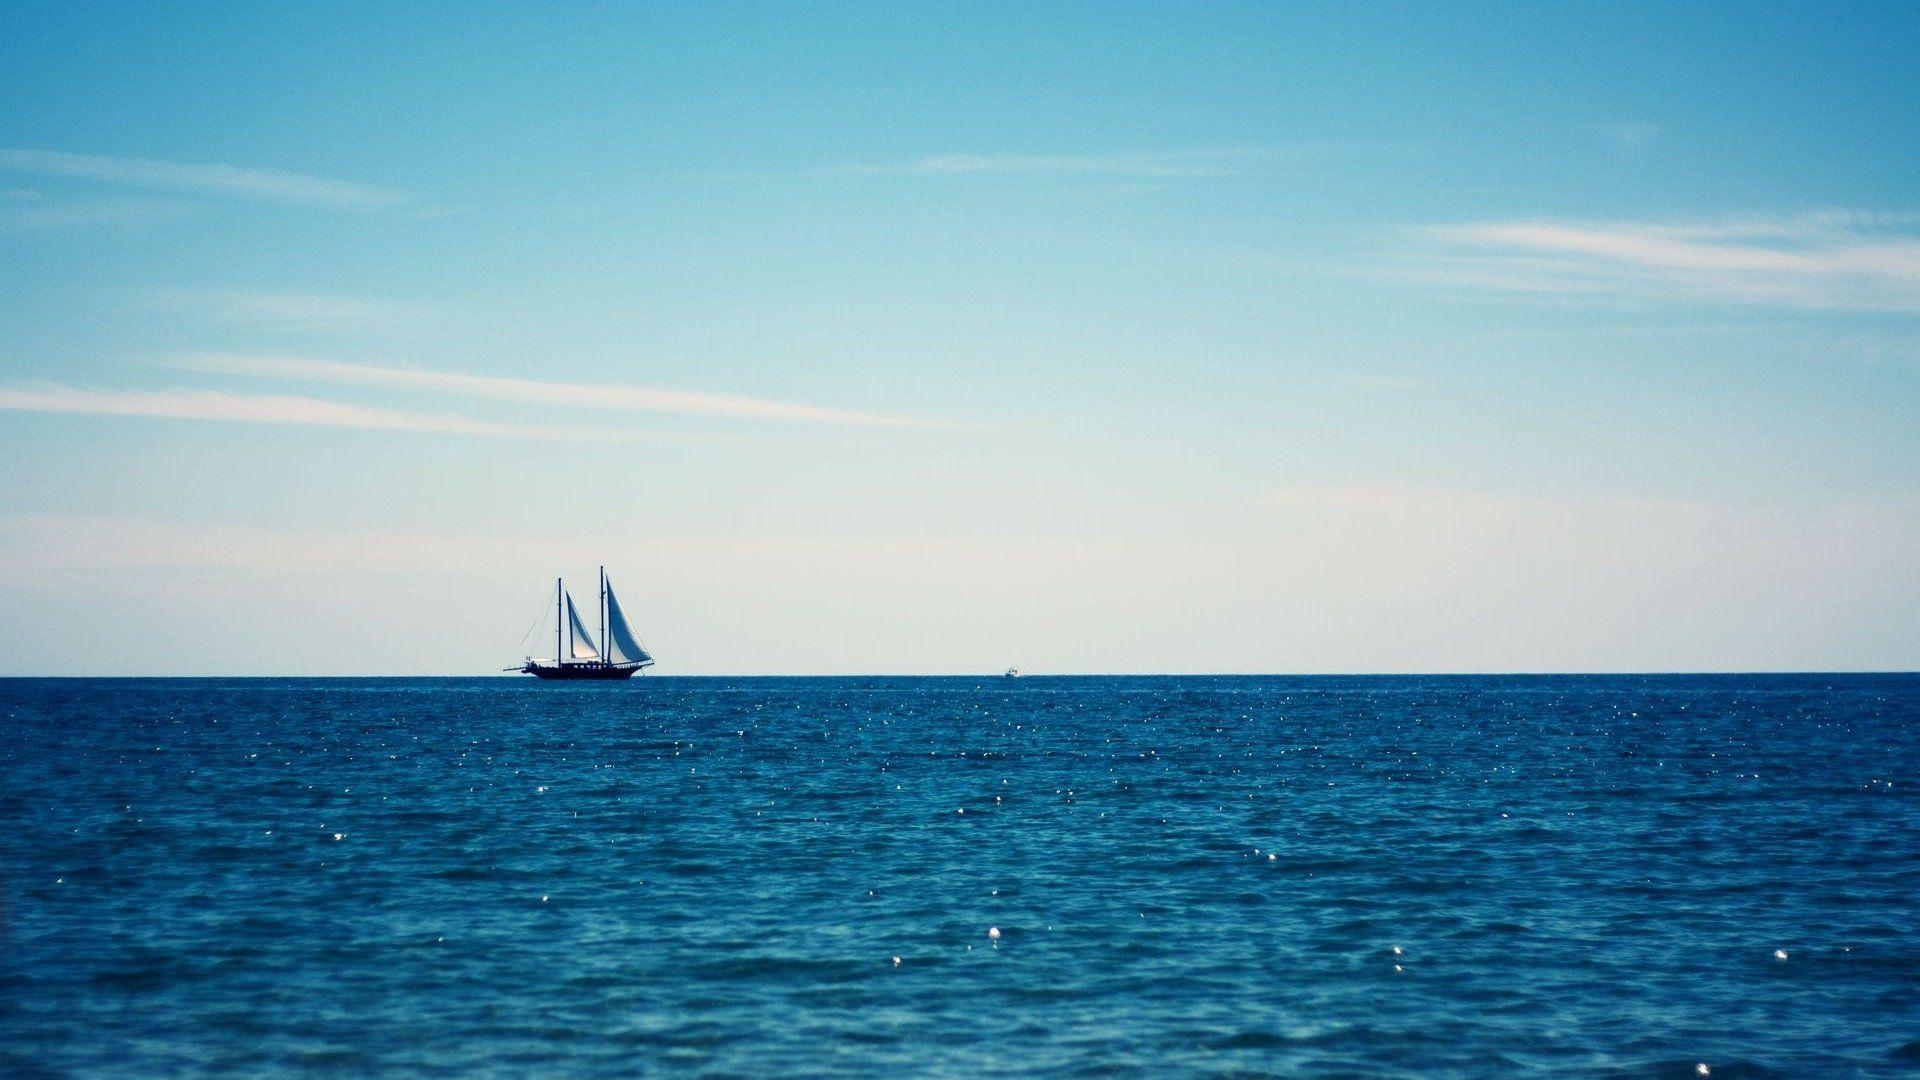 Beautiful Sea Nature Hd Wallpaper Ocean Wallpaper Sea Pictures Ocean Vibes